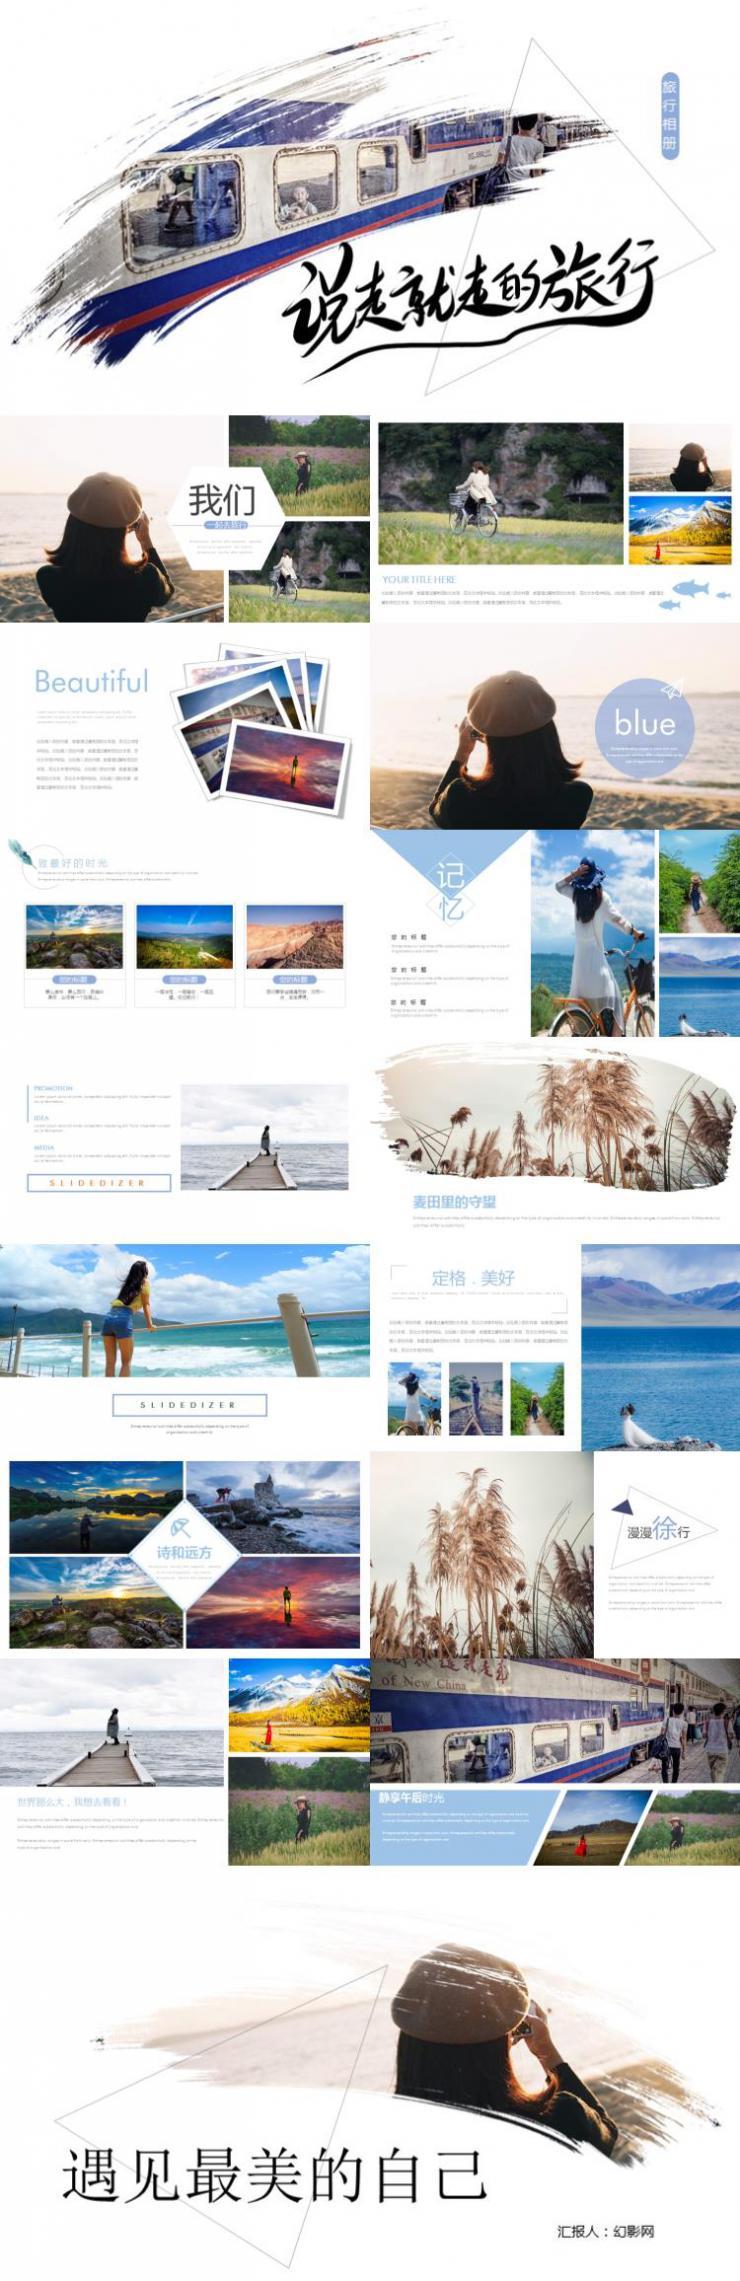 蓝色小清新旅行画册PPT模板